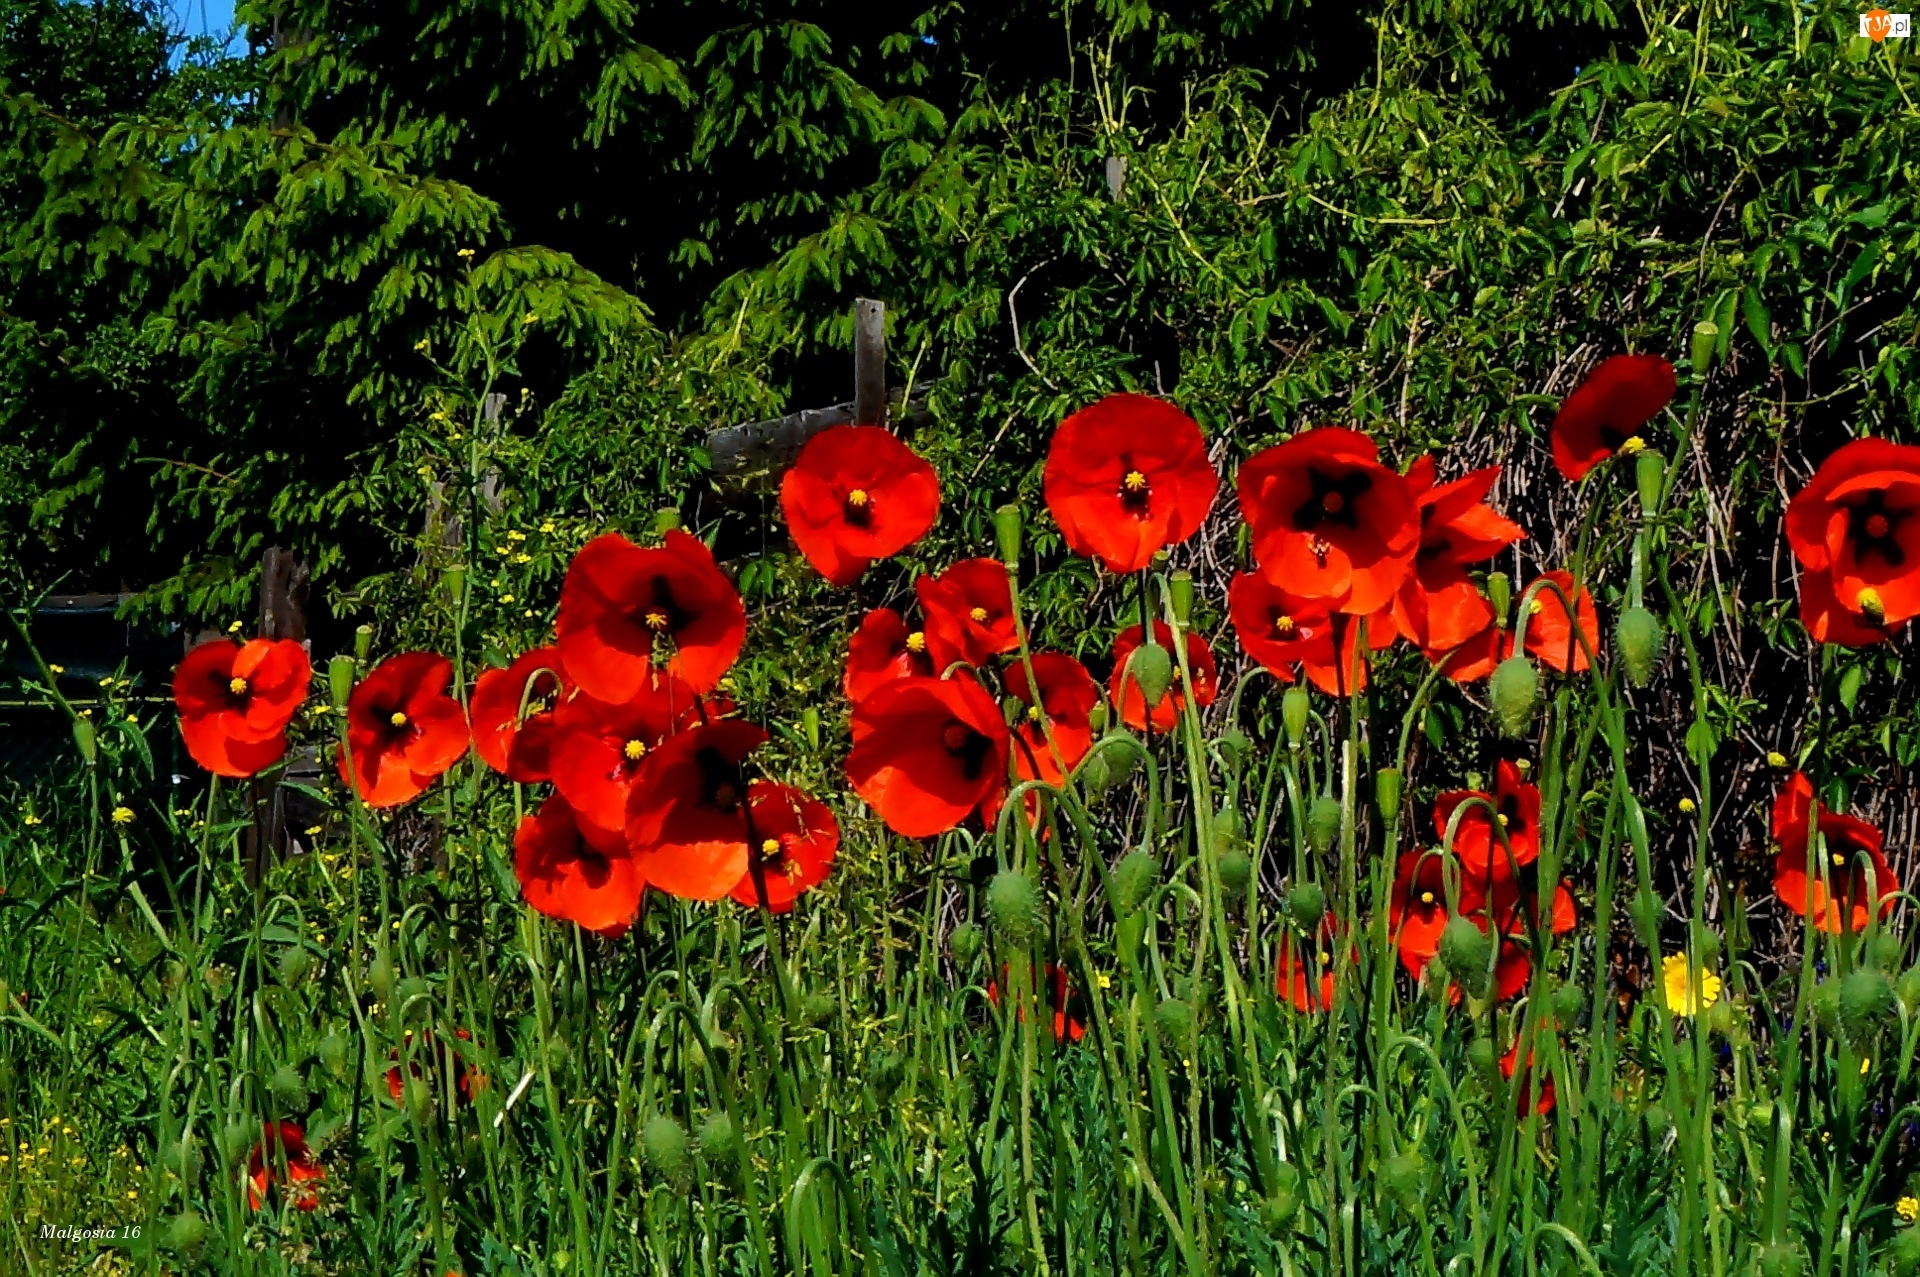 Maki, Kwiaty, Czerwone